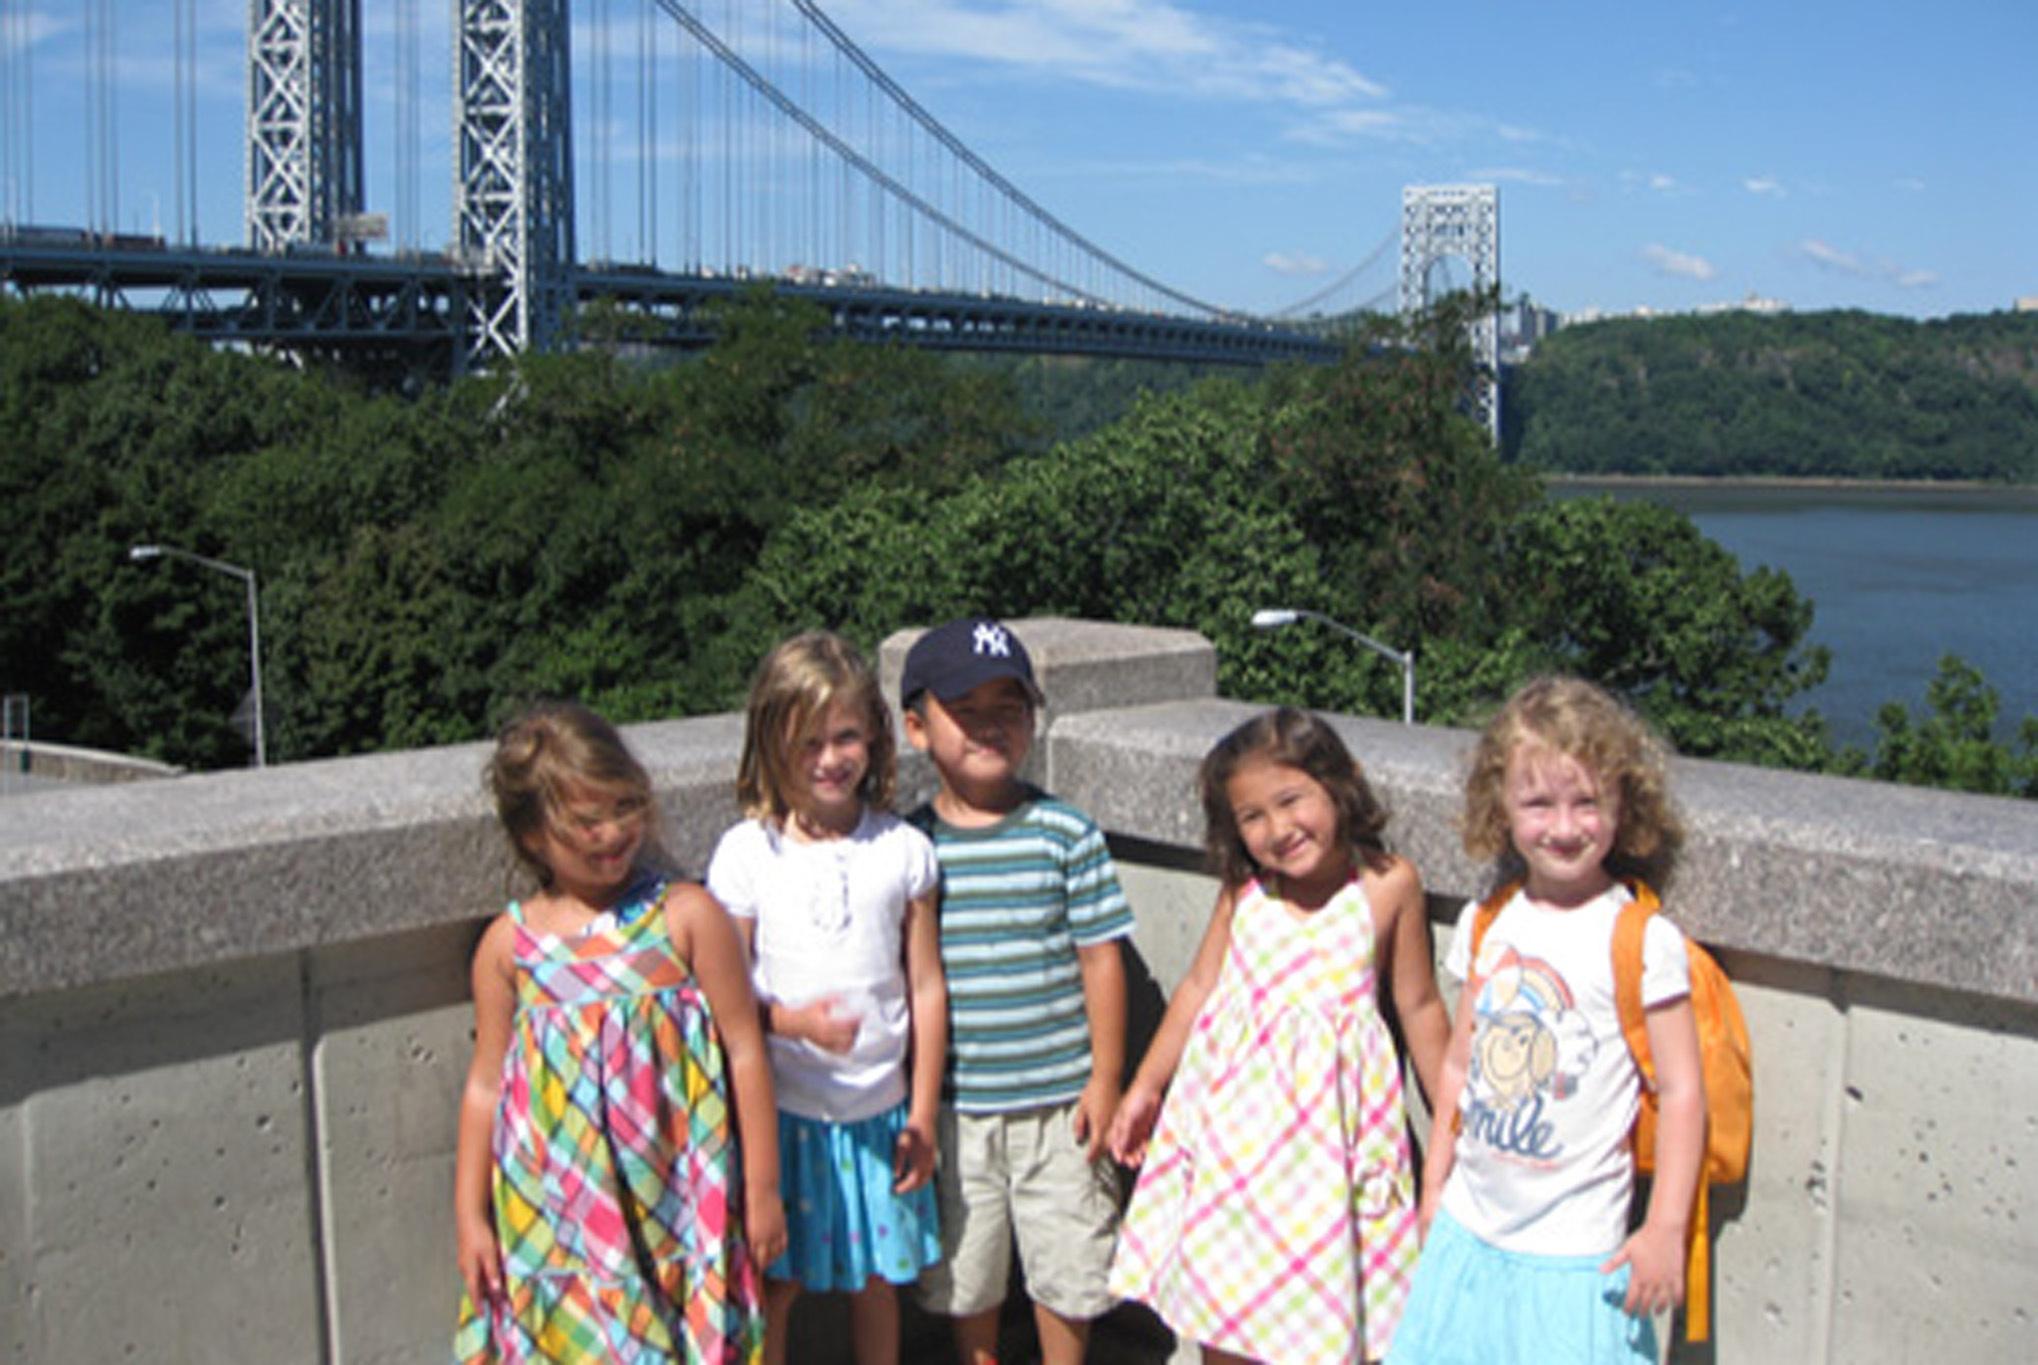 Kidventures NYC